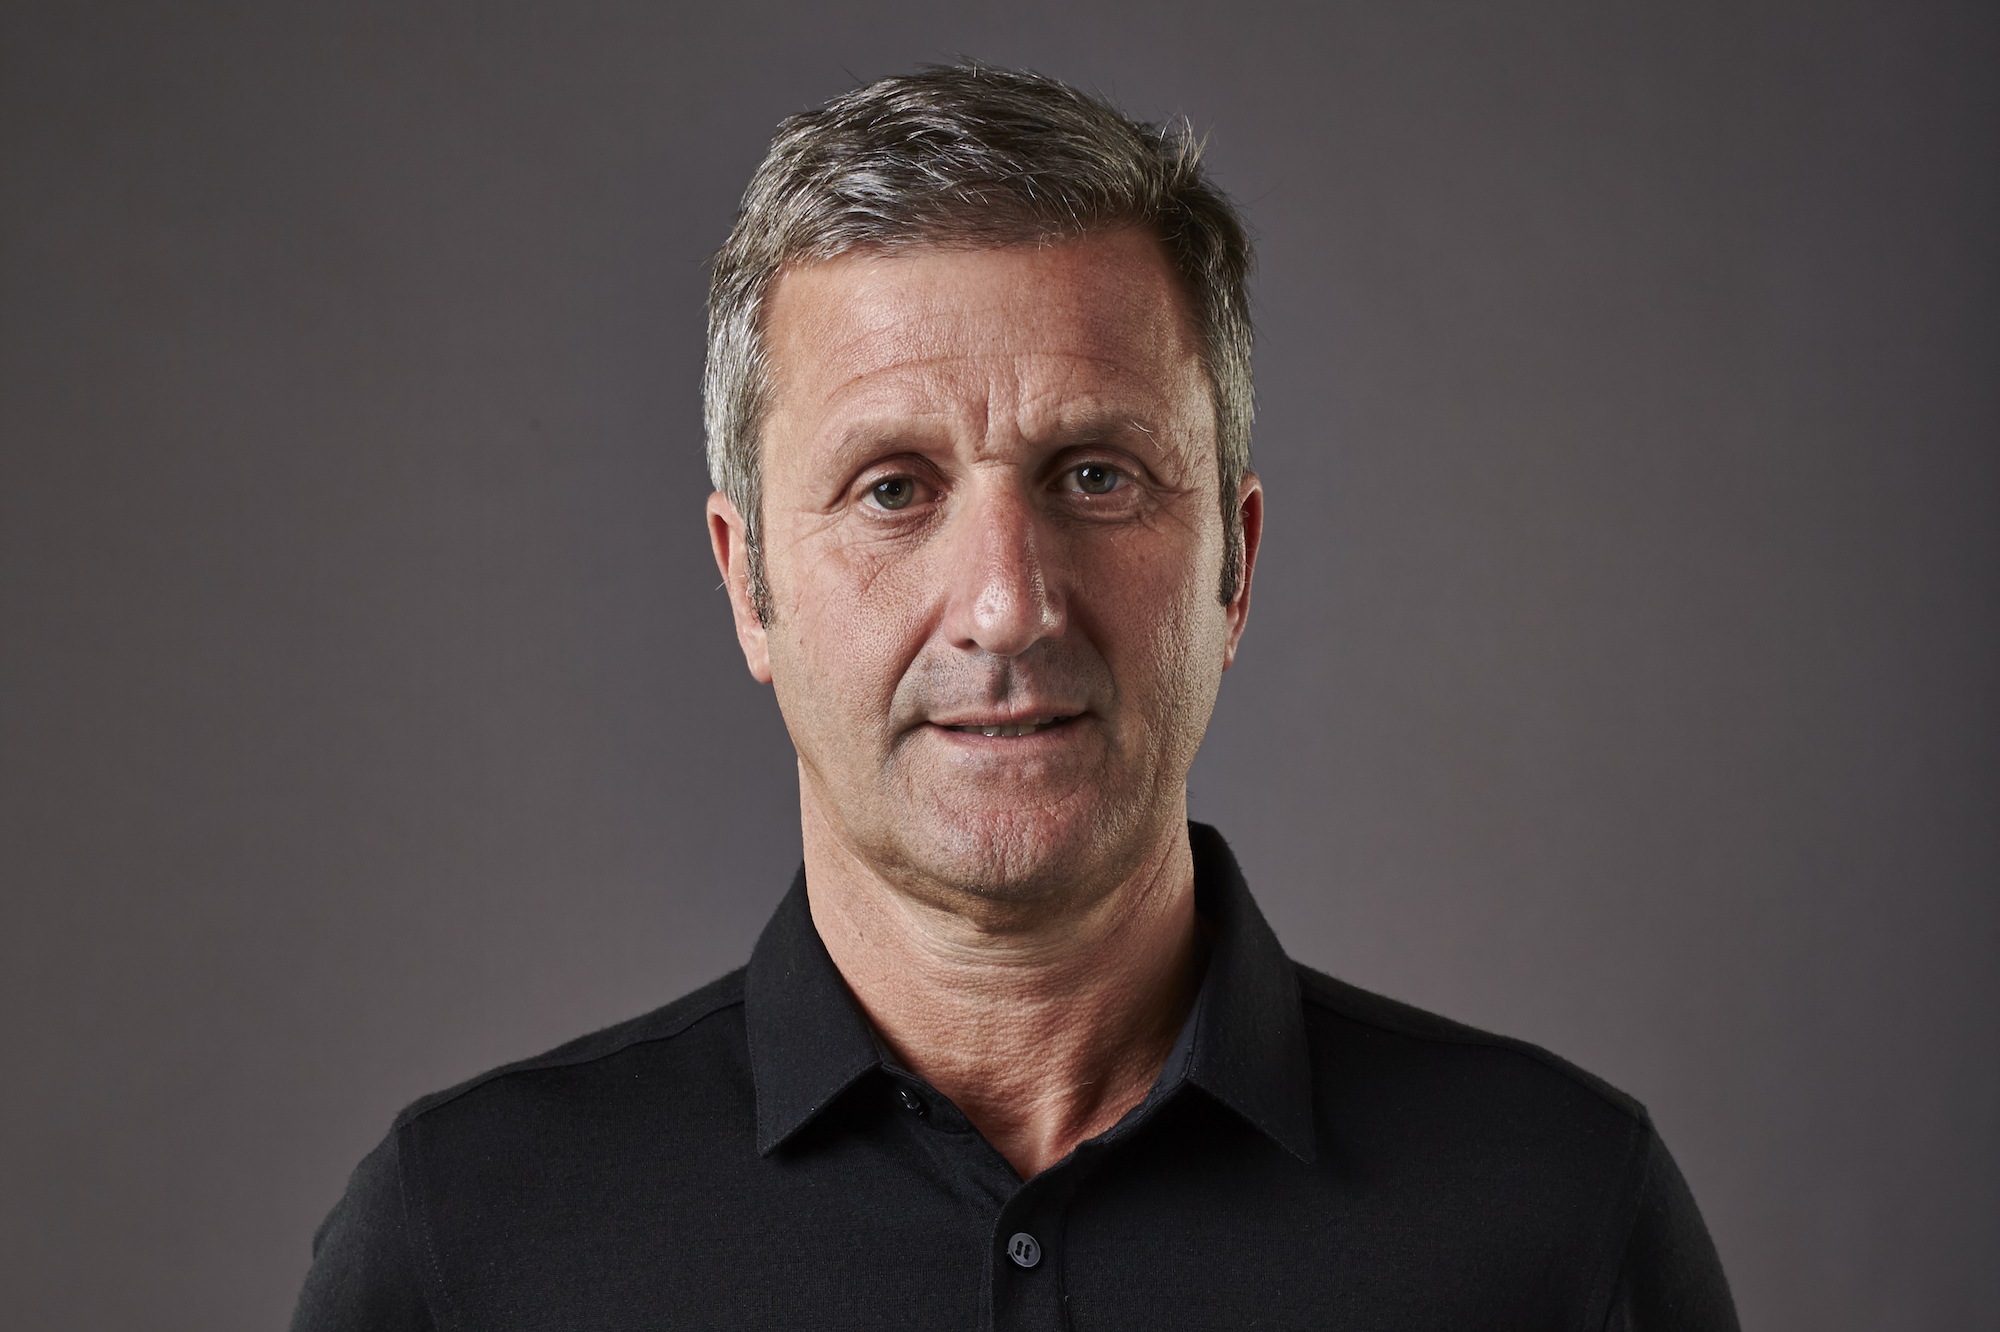 """Il dottor Richard Freeman ha lavorato con i """"dormienti"""" nel British Cycling e nel Team Sky per l'acquisto di testosterone, ha sentito il tribunale"""